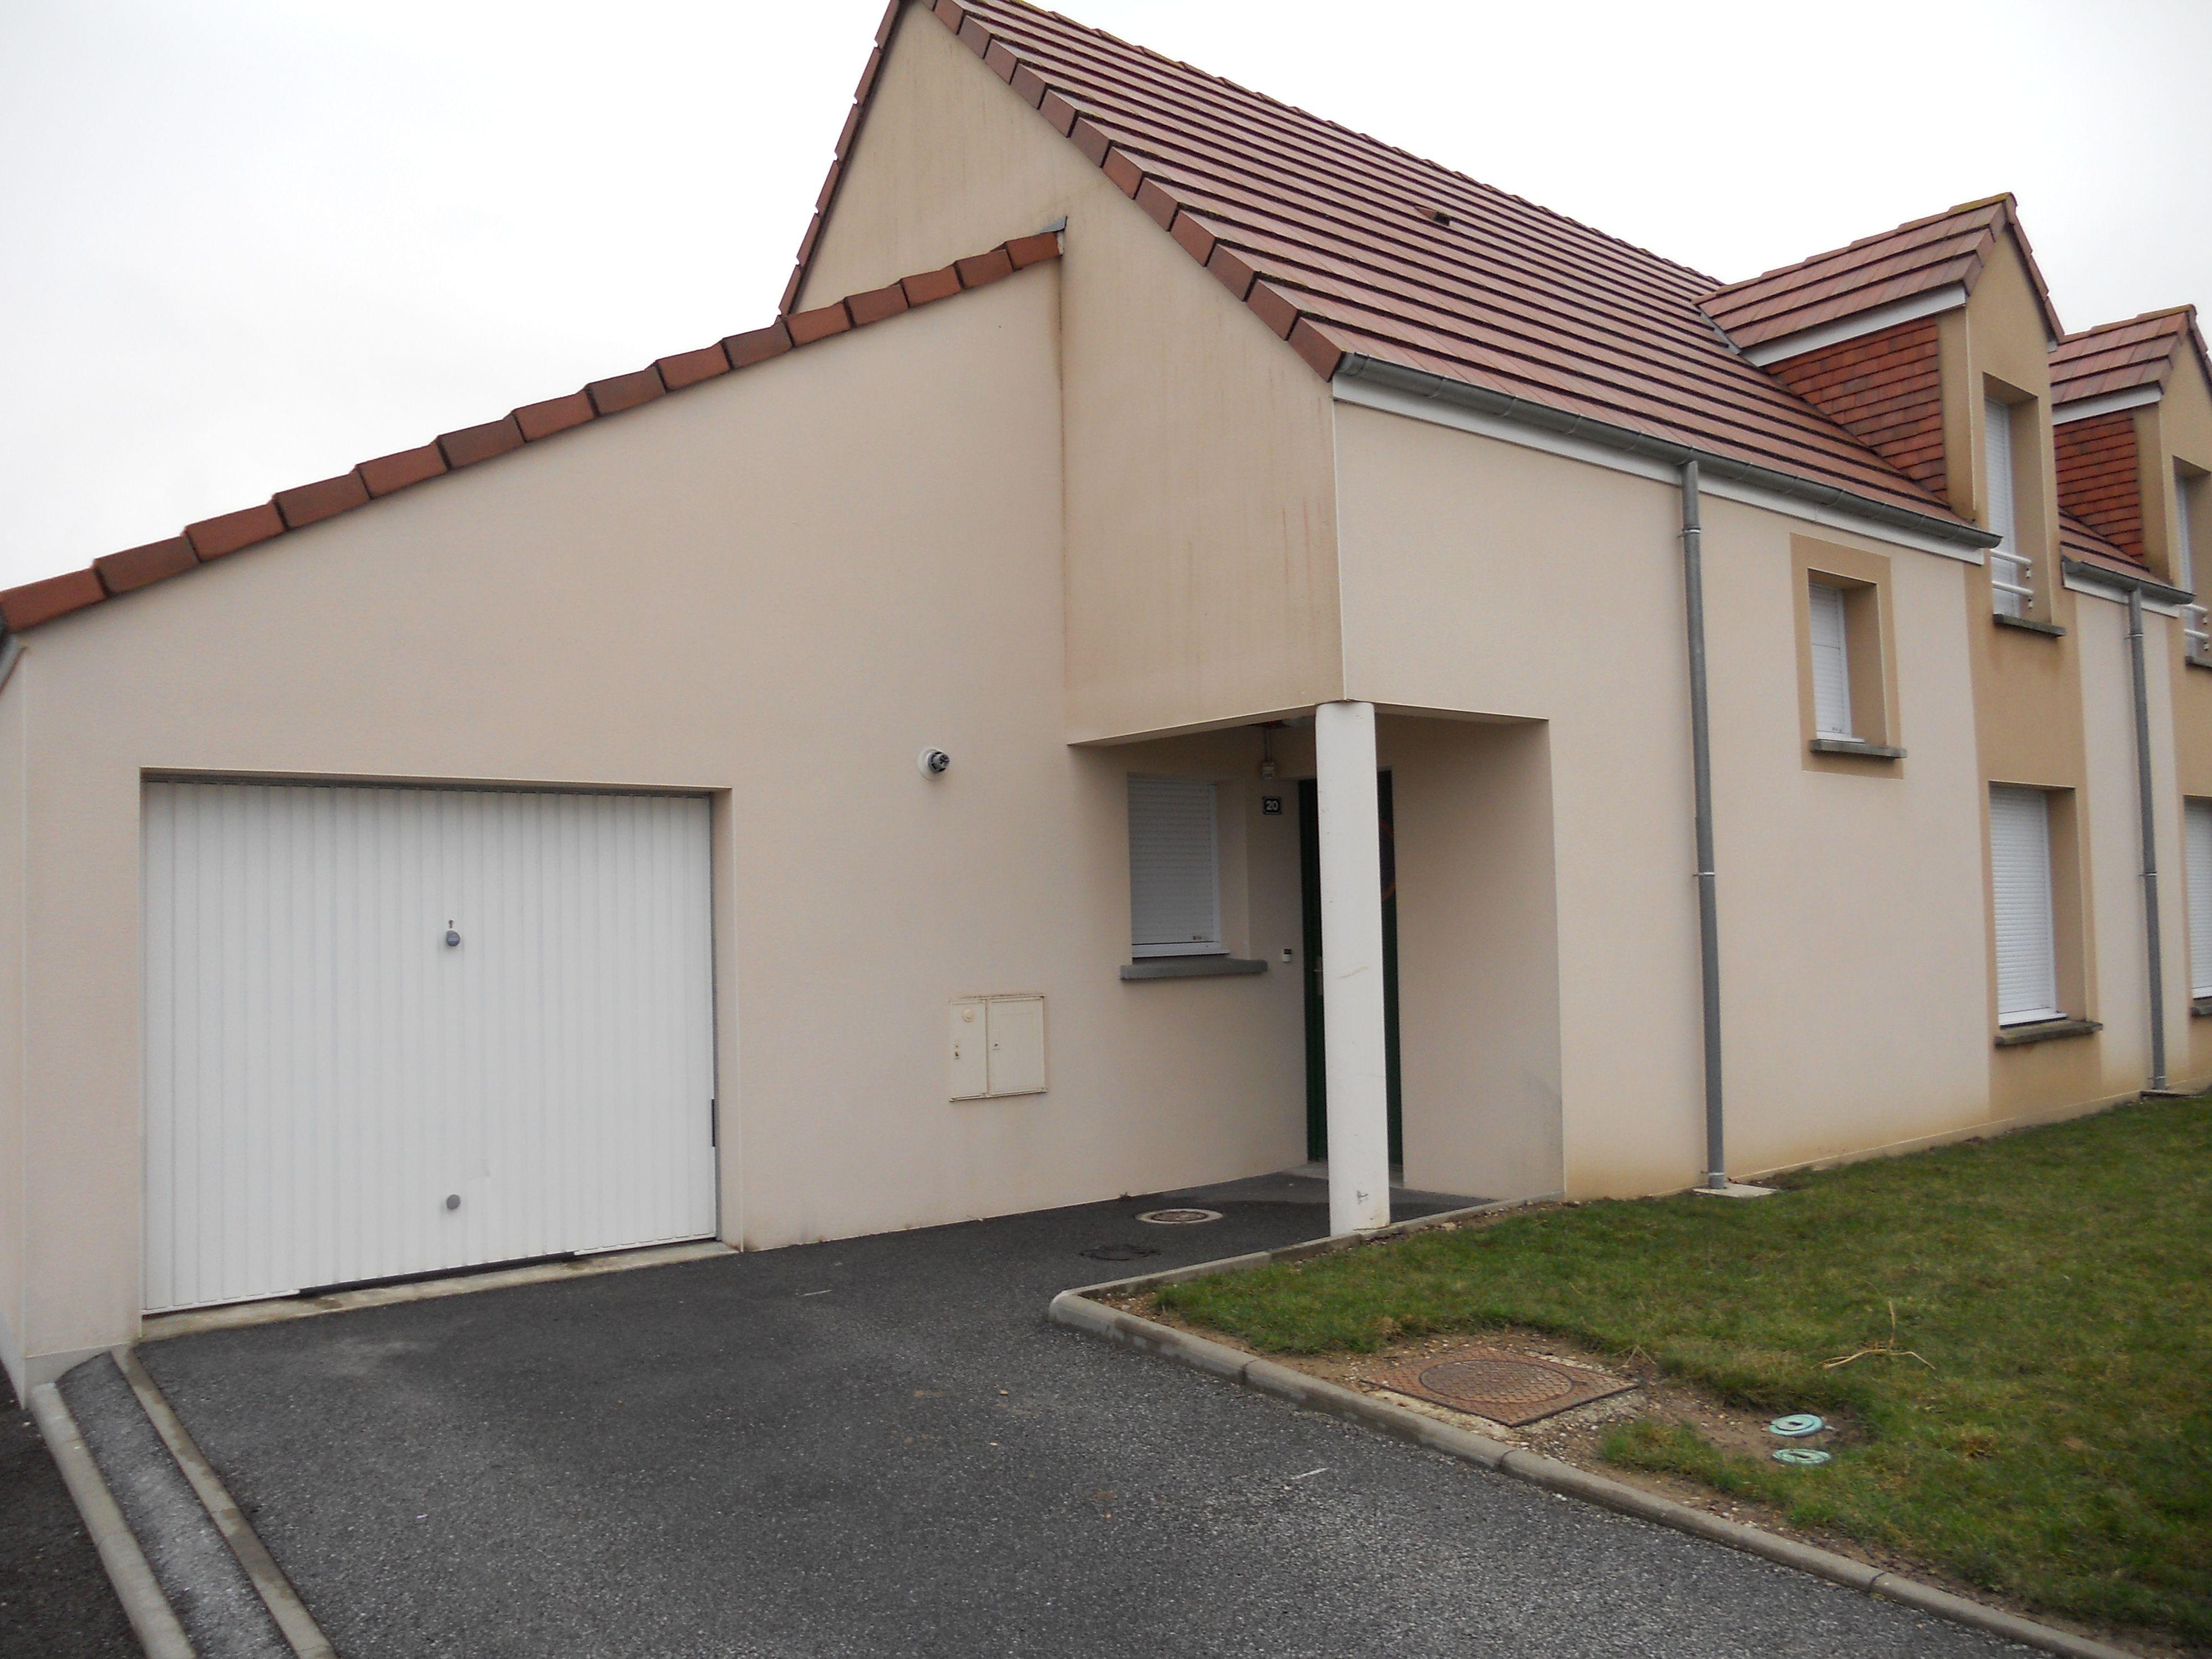 Logement randonnai locataion maison t4 orne for Entretien exterieur locataire